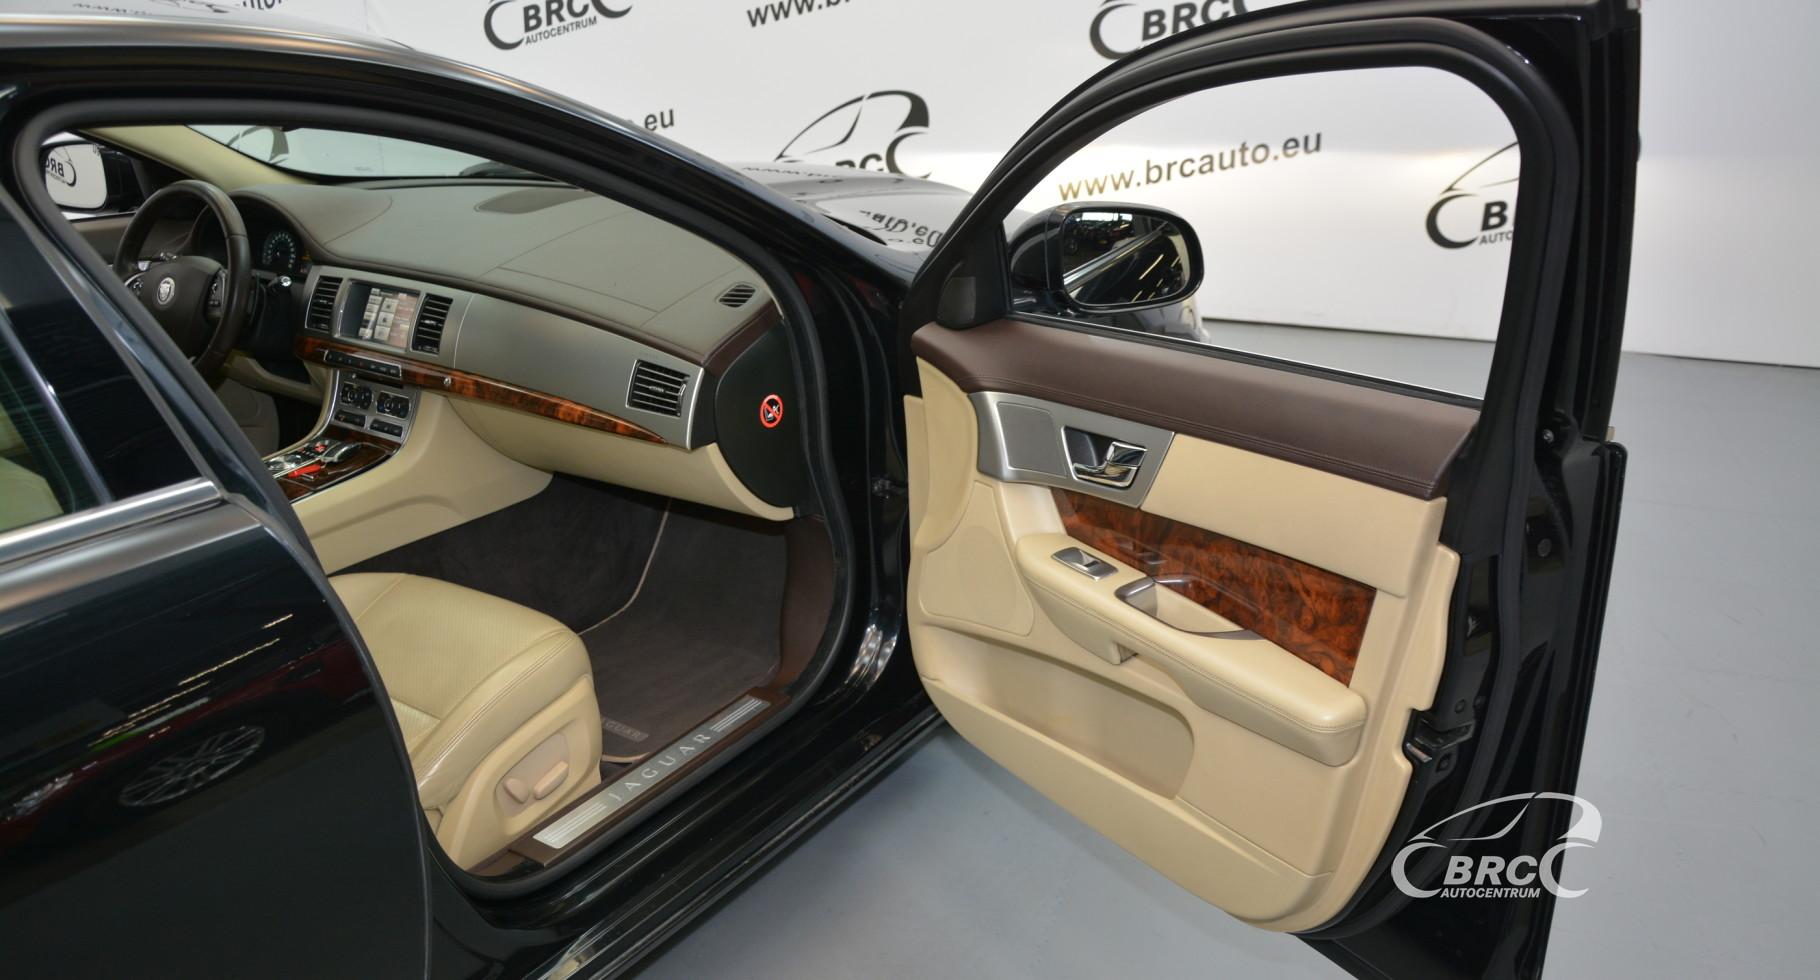 Jaguar XF 3.0 D V6 Automatas